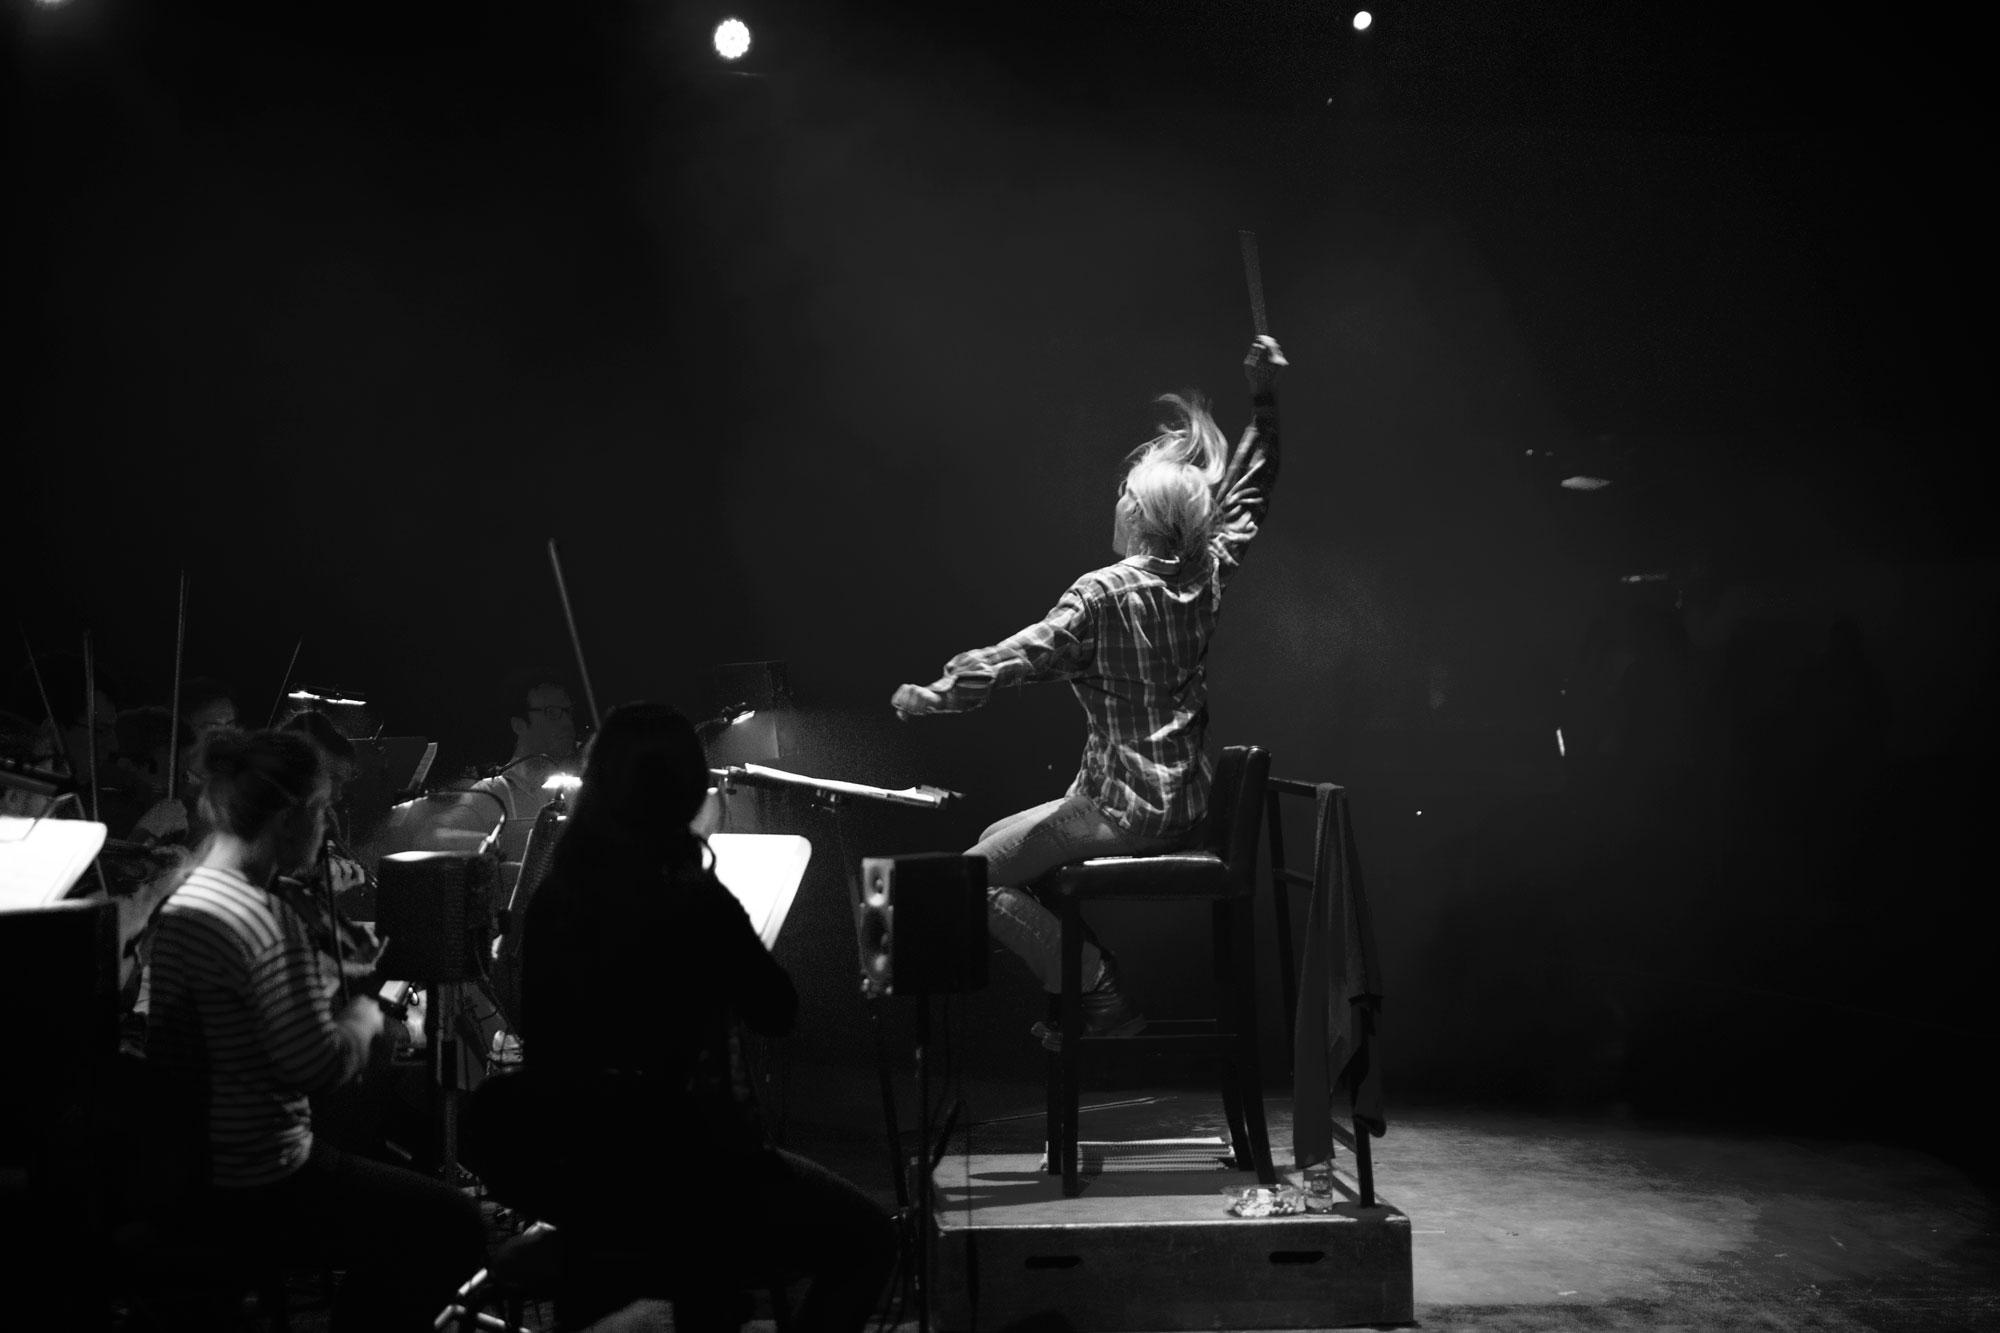 Sofia conductor